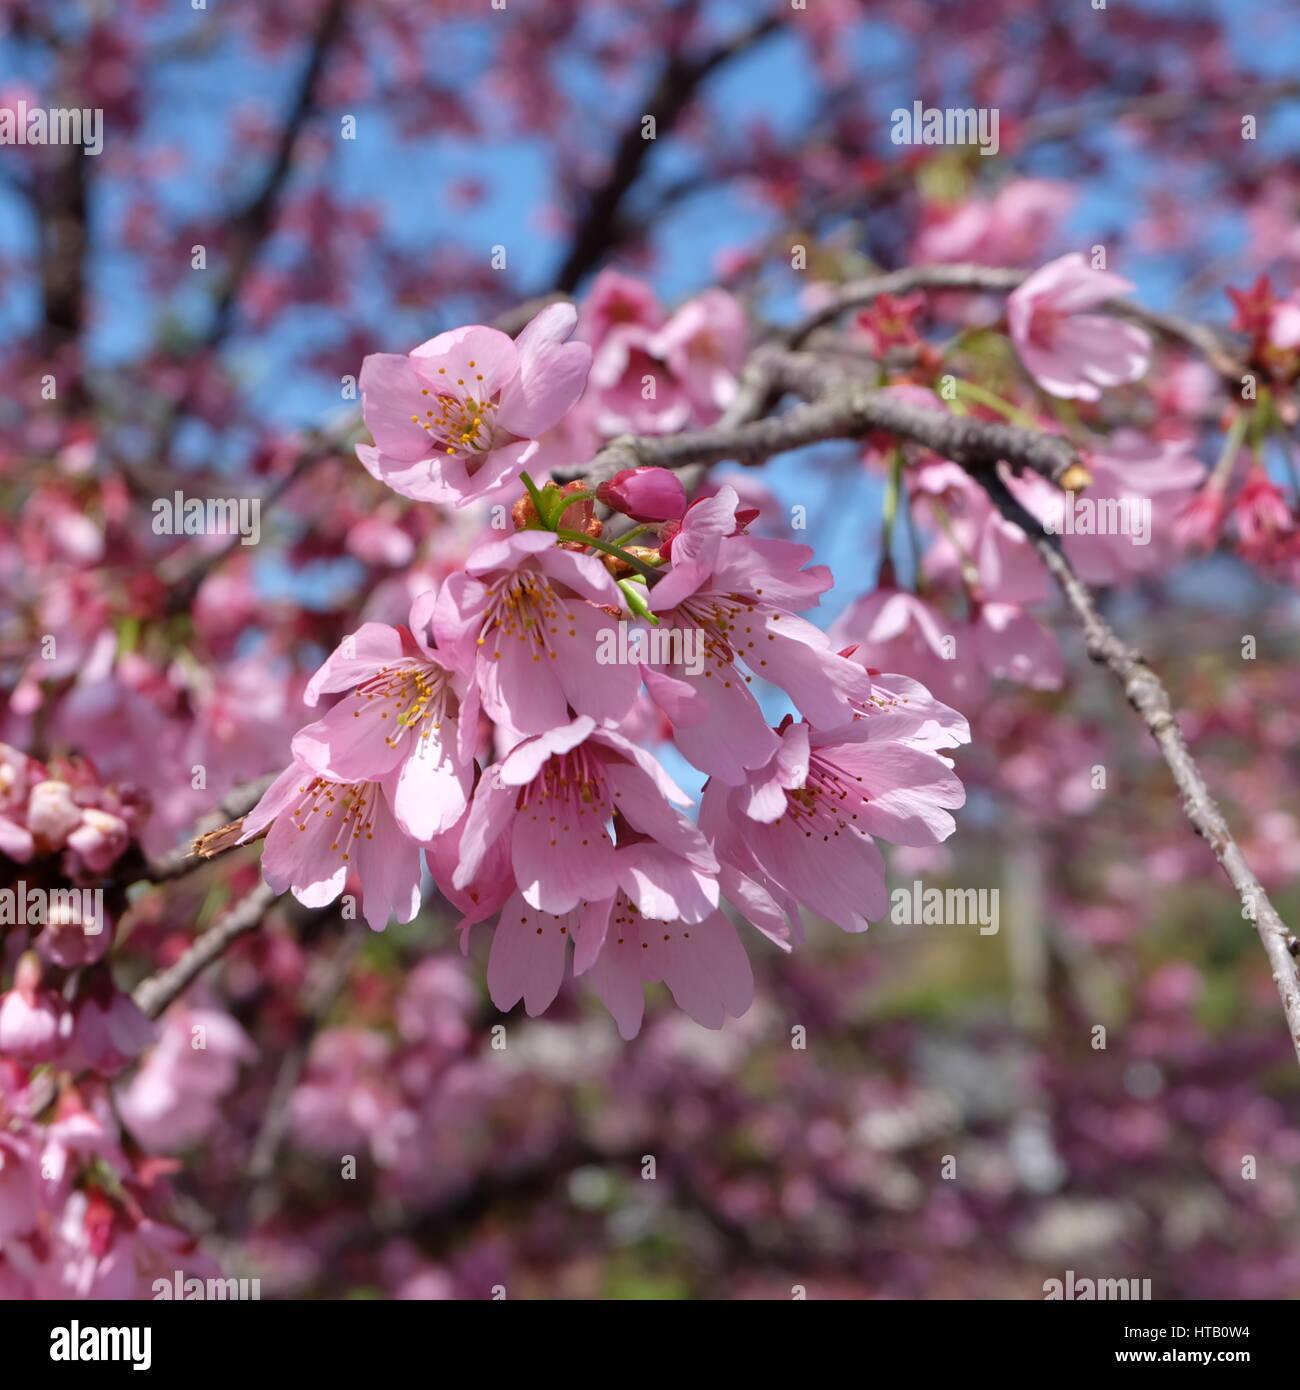 Schöne Rosa Kirschblüte Sakura Blumen Blühen Im Frühling Um März